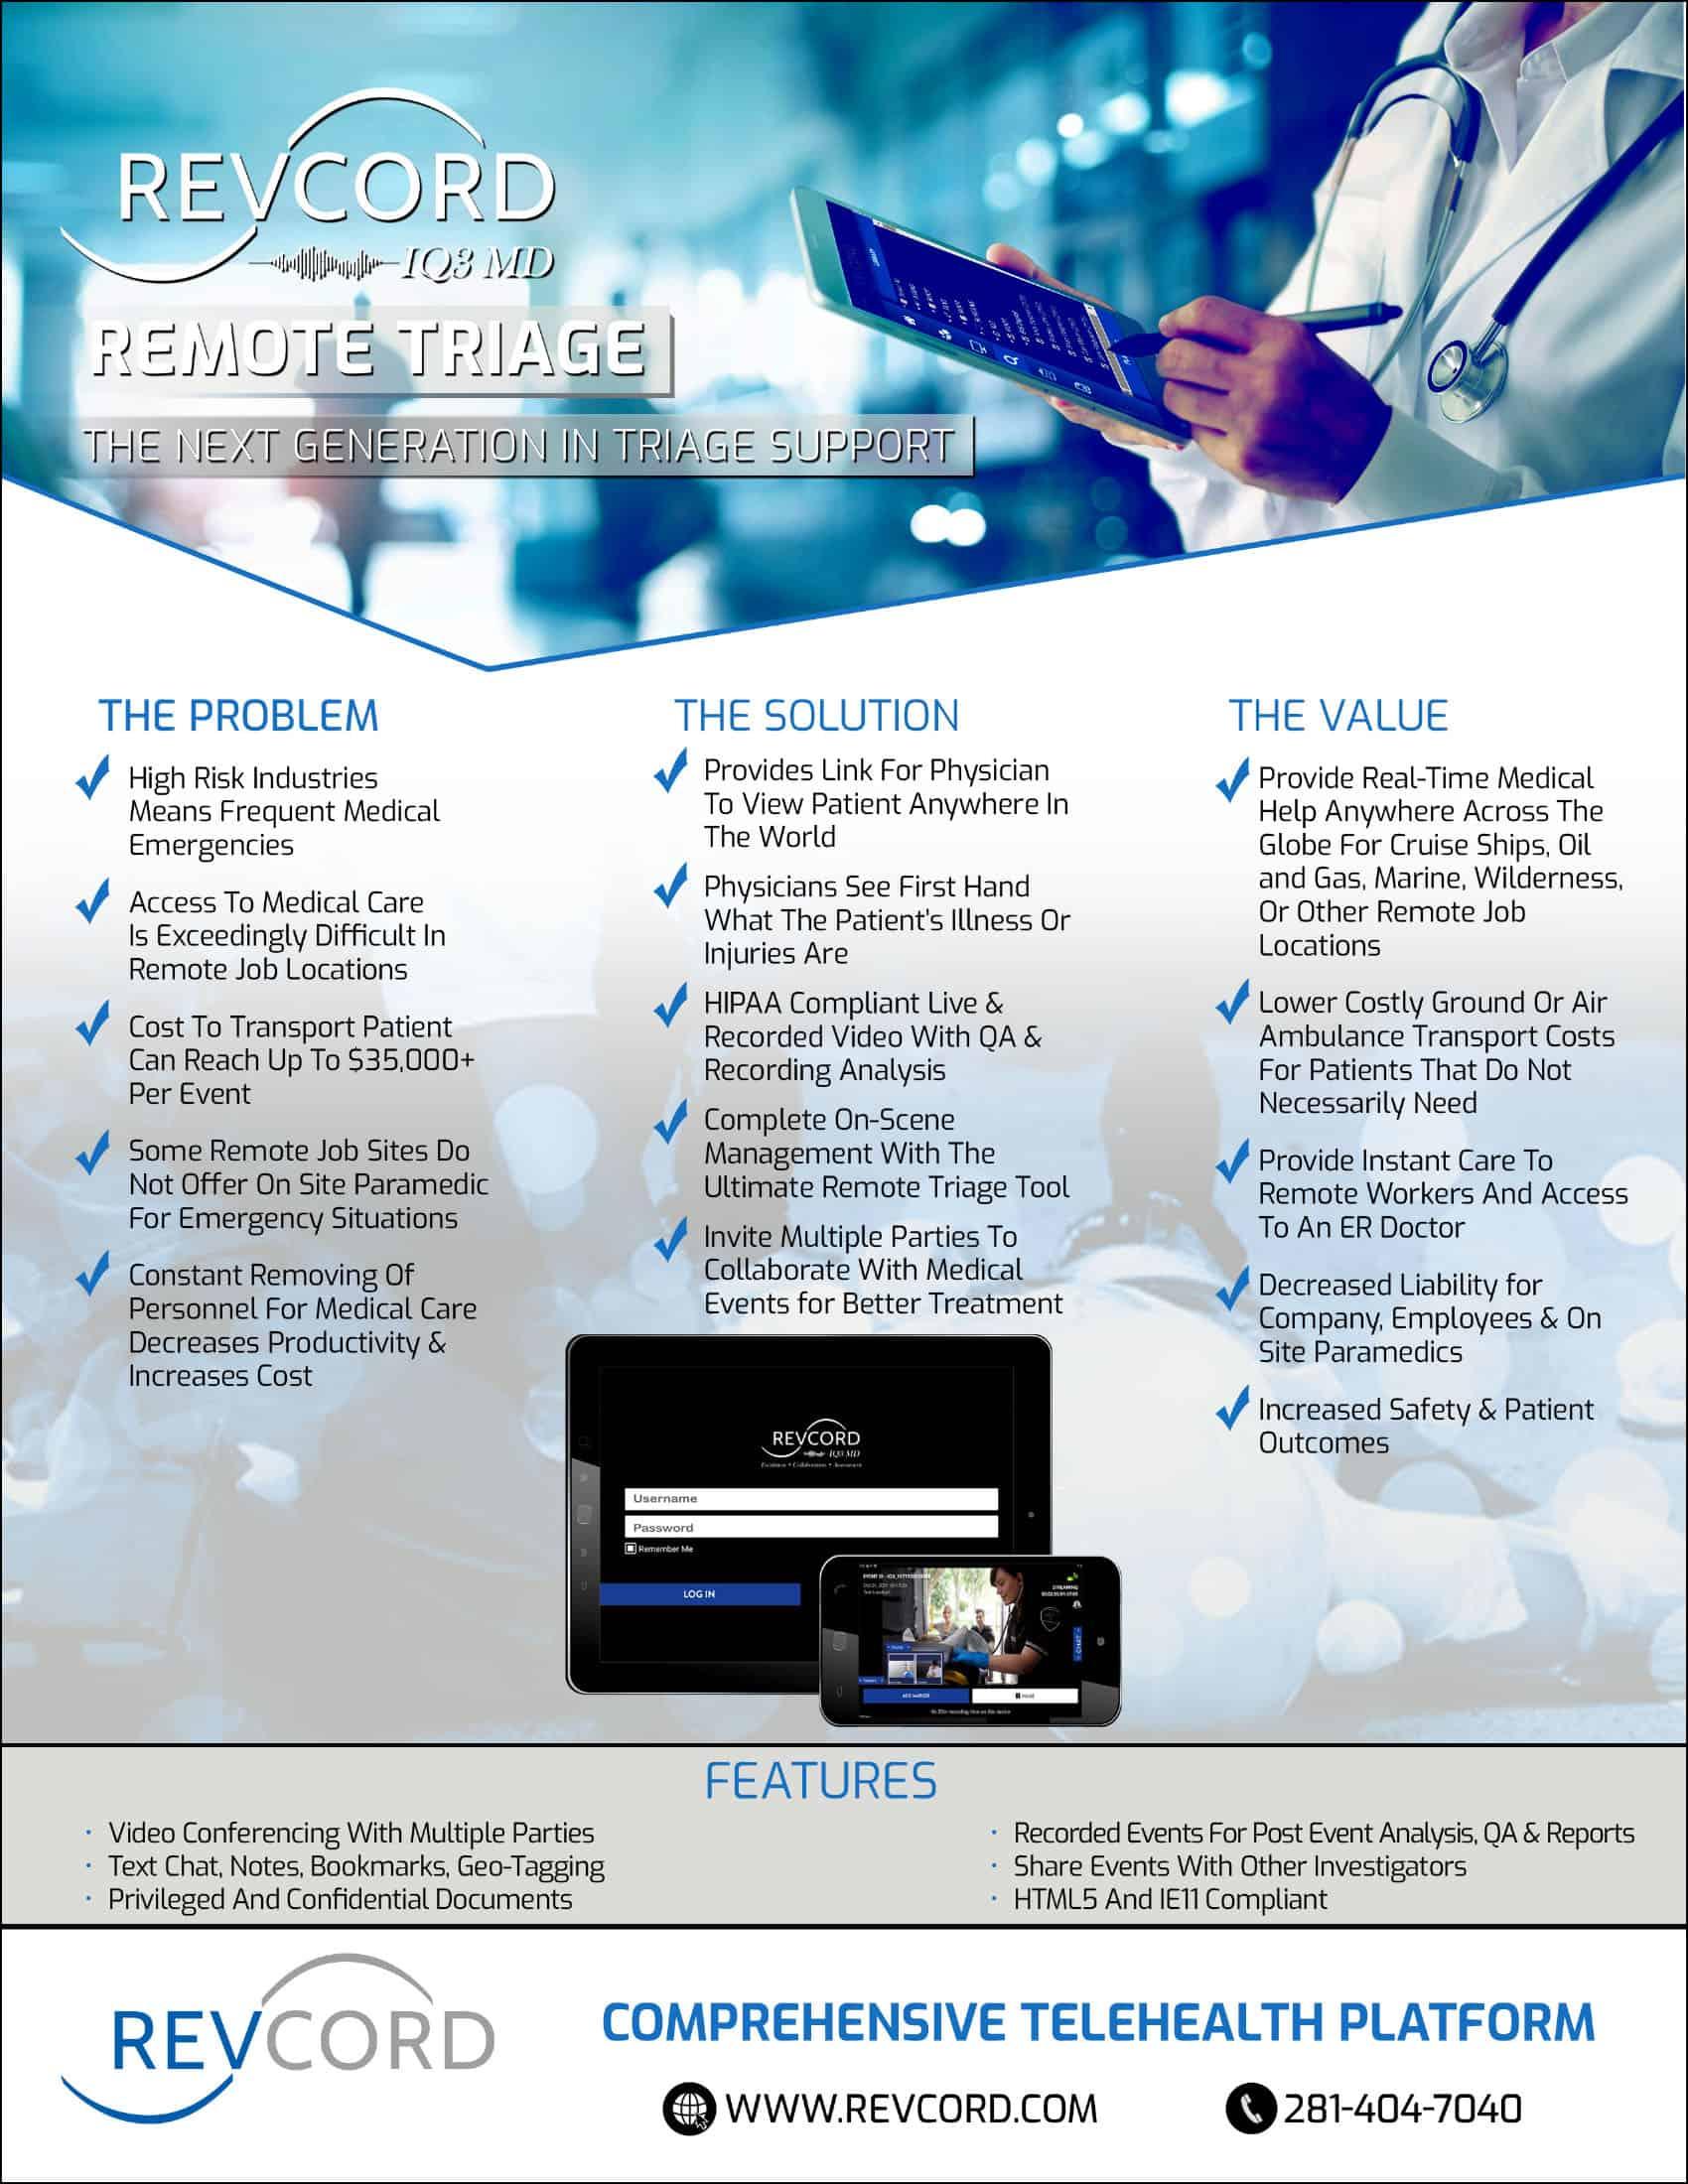 IQ3 MD Remote Triage